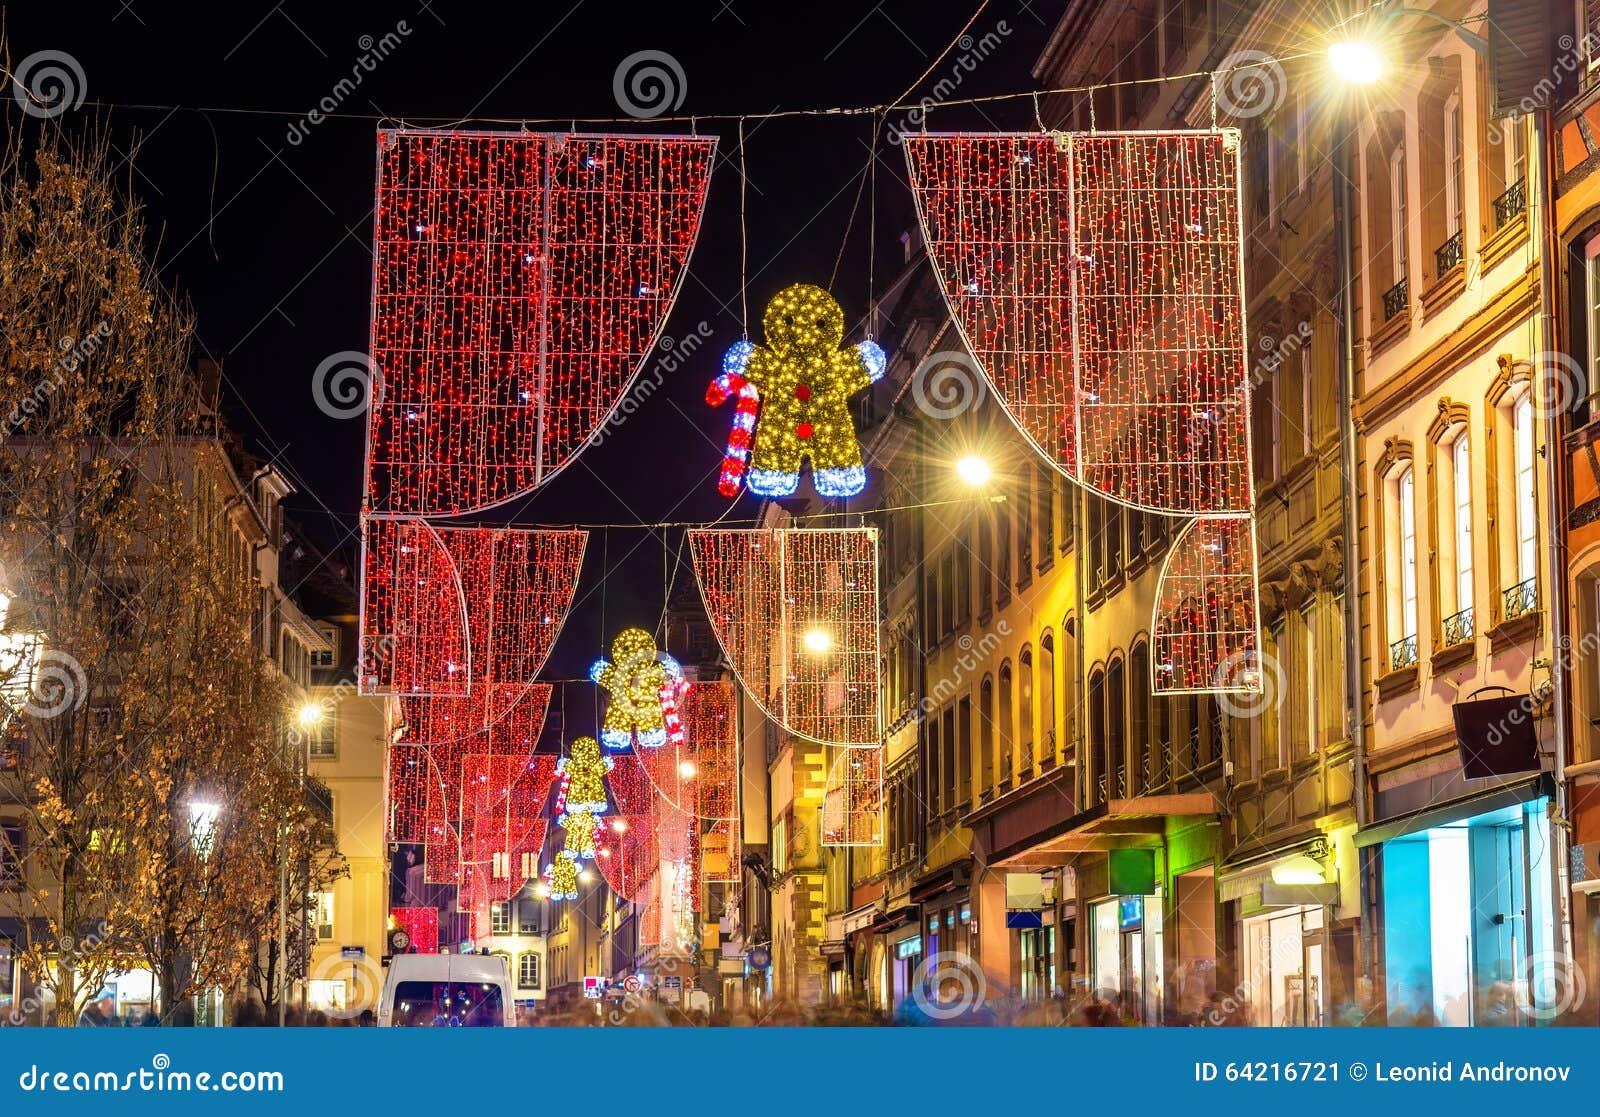 Decorações do Natal em ruas de Strasbourg france